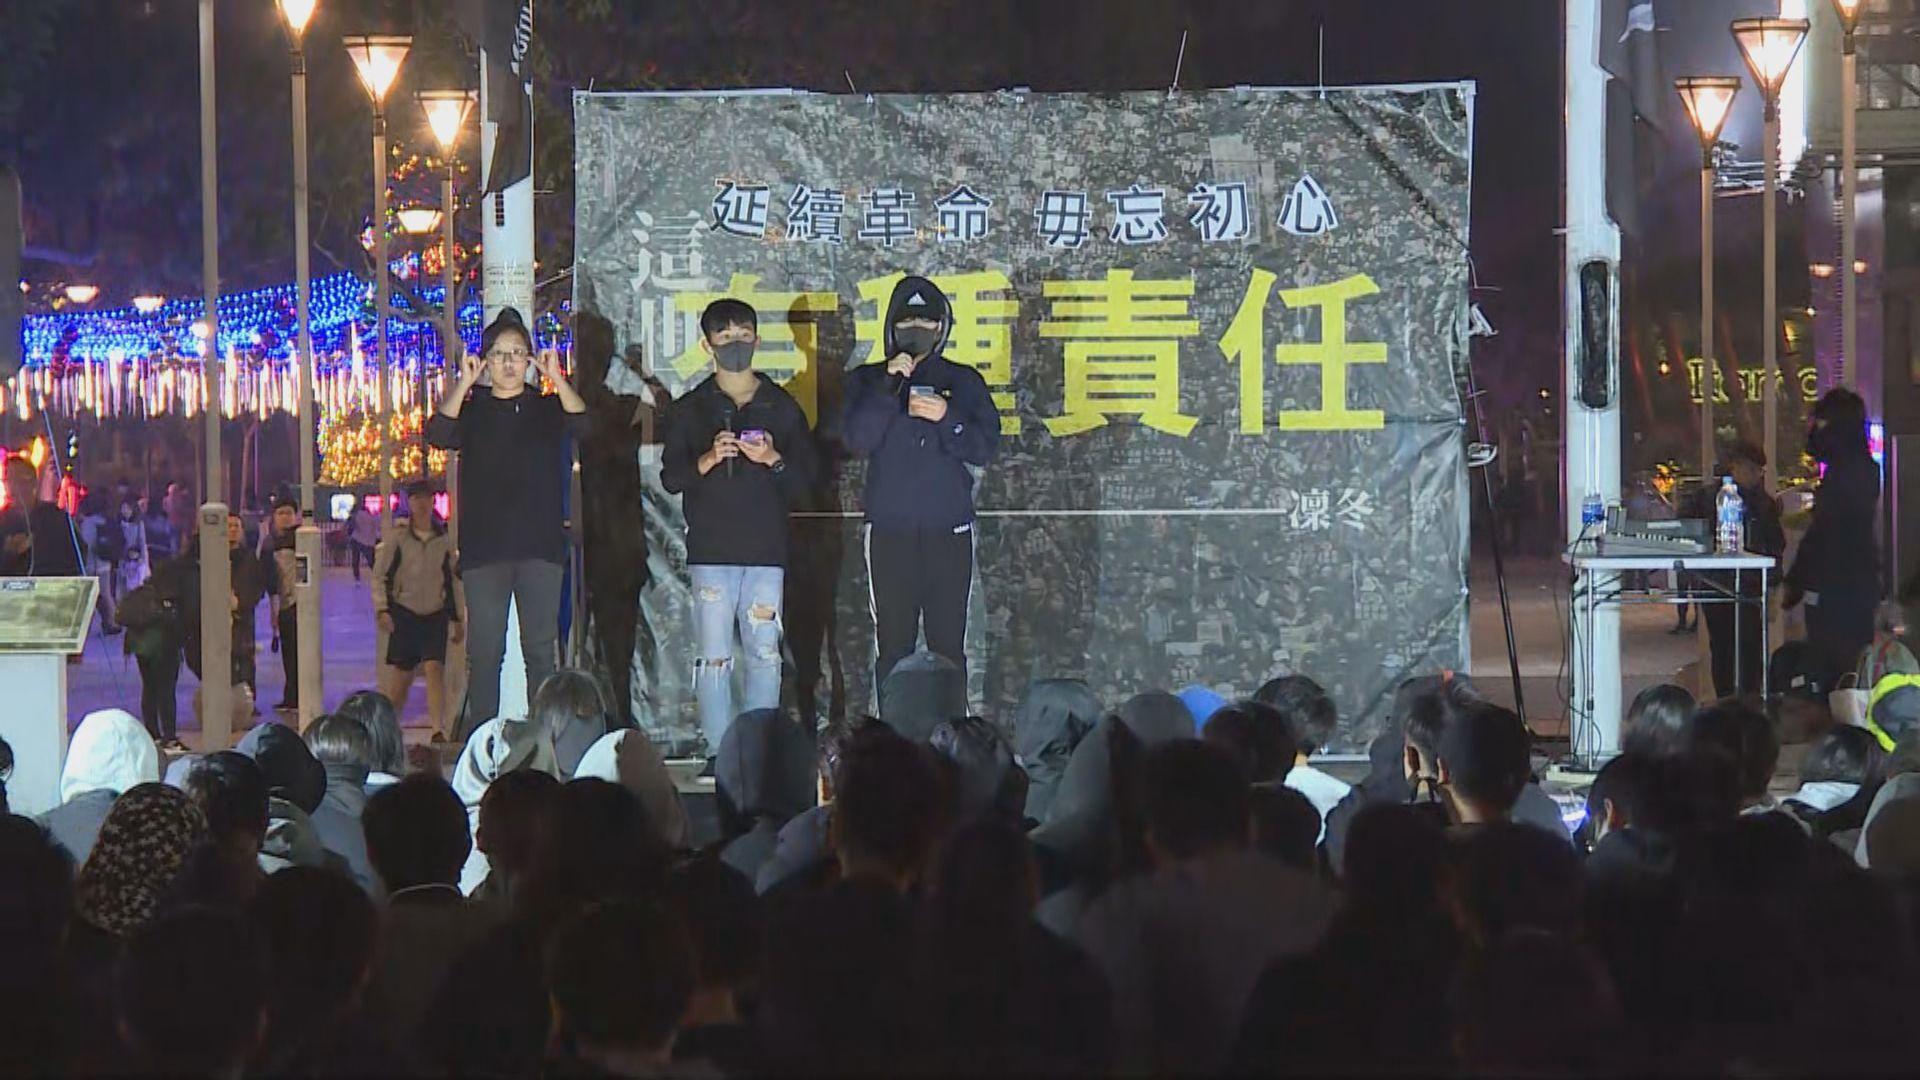 中學生天水圍集會聲援反修例被捕人士